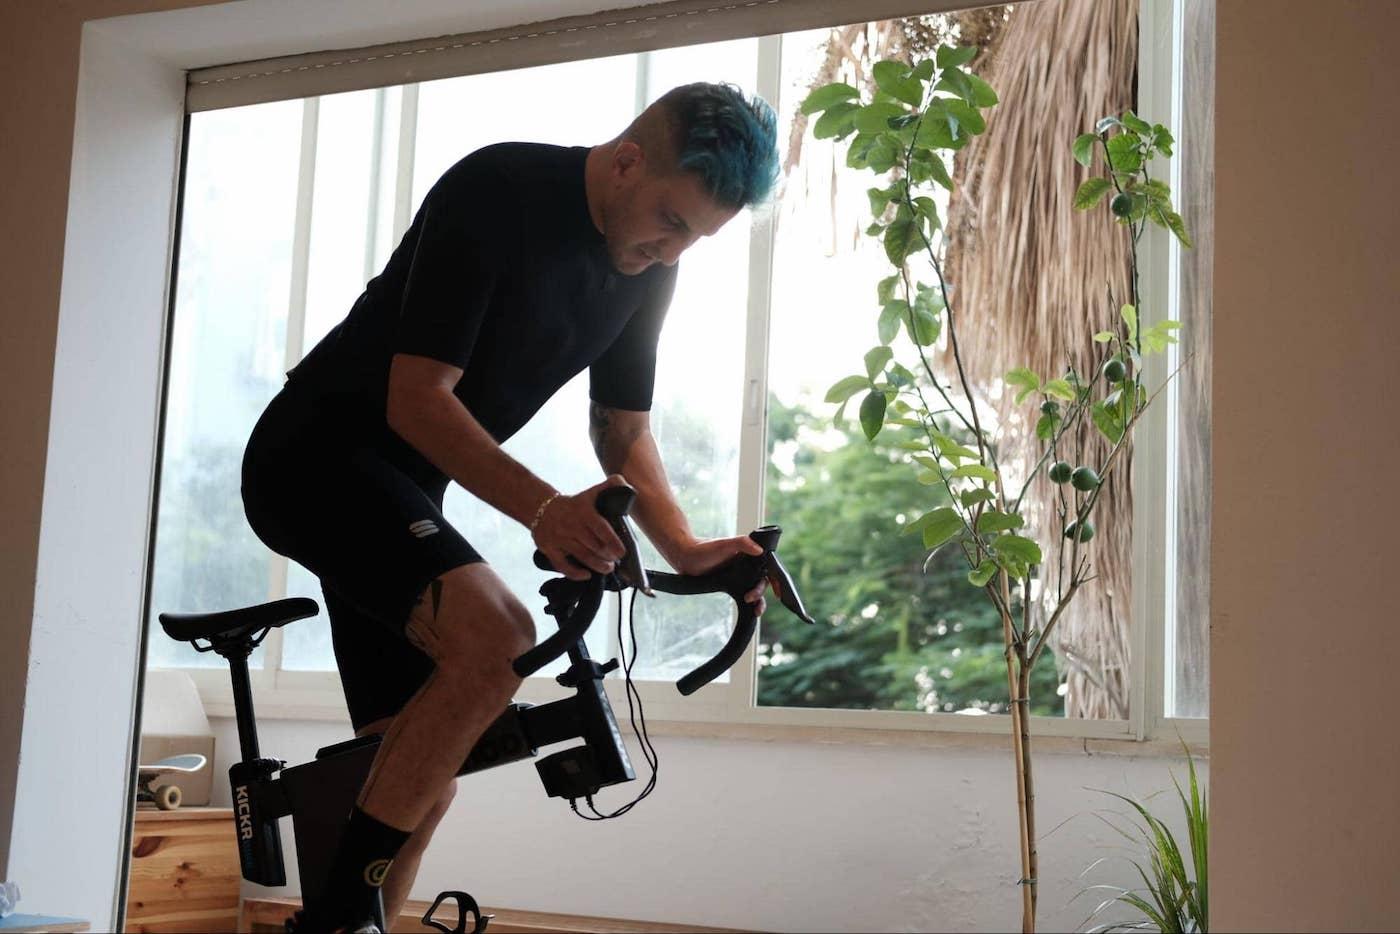 רכיבת אופניים בבית